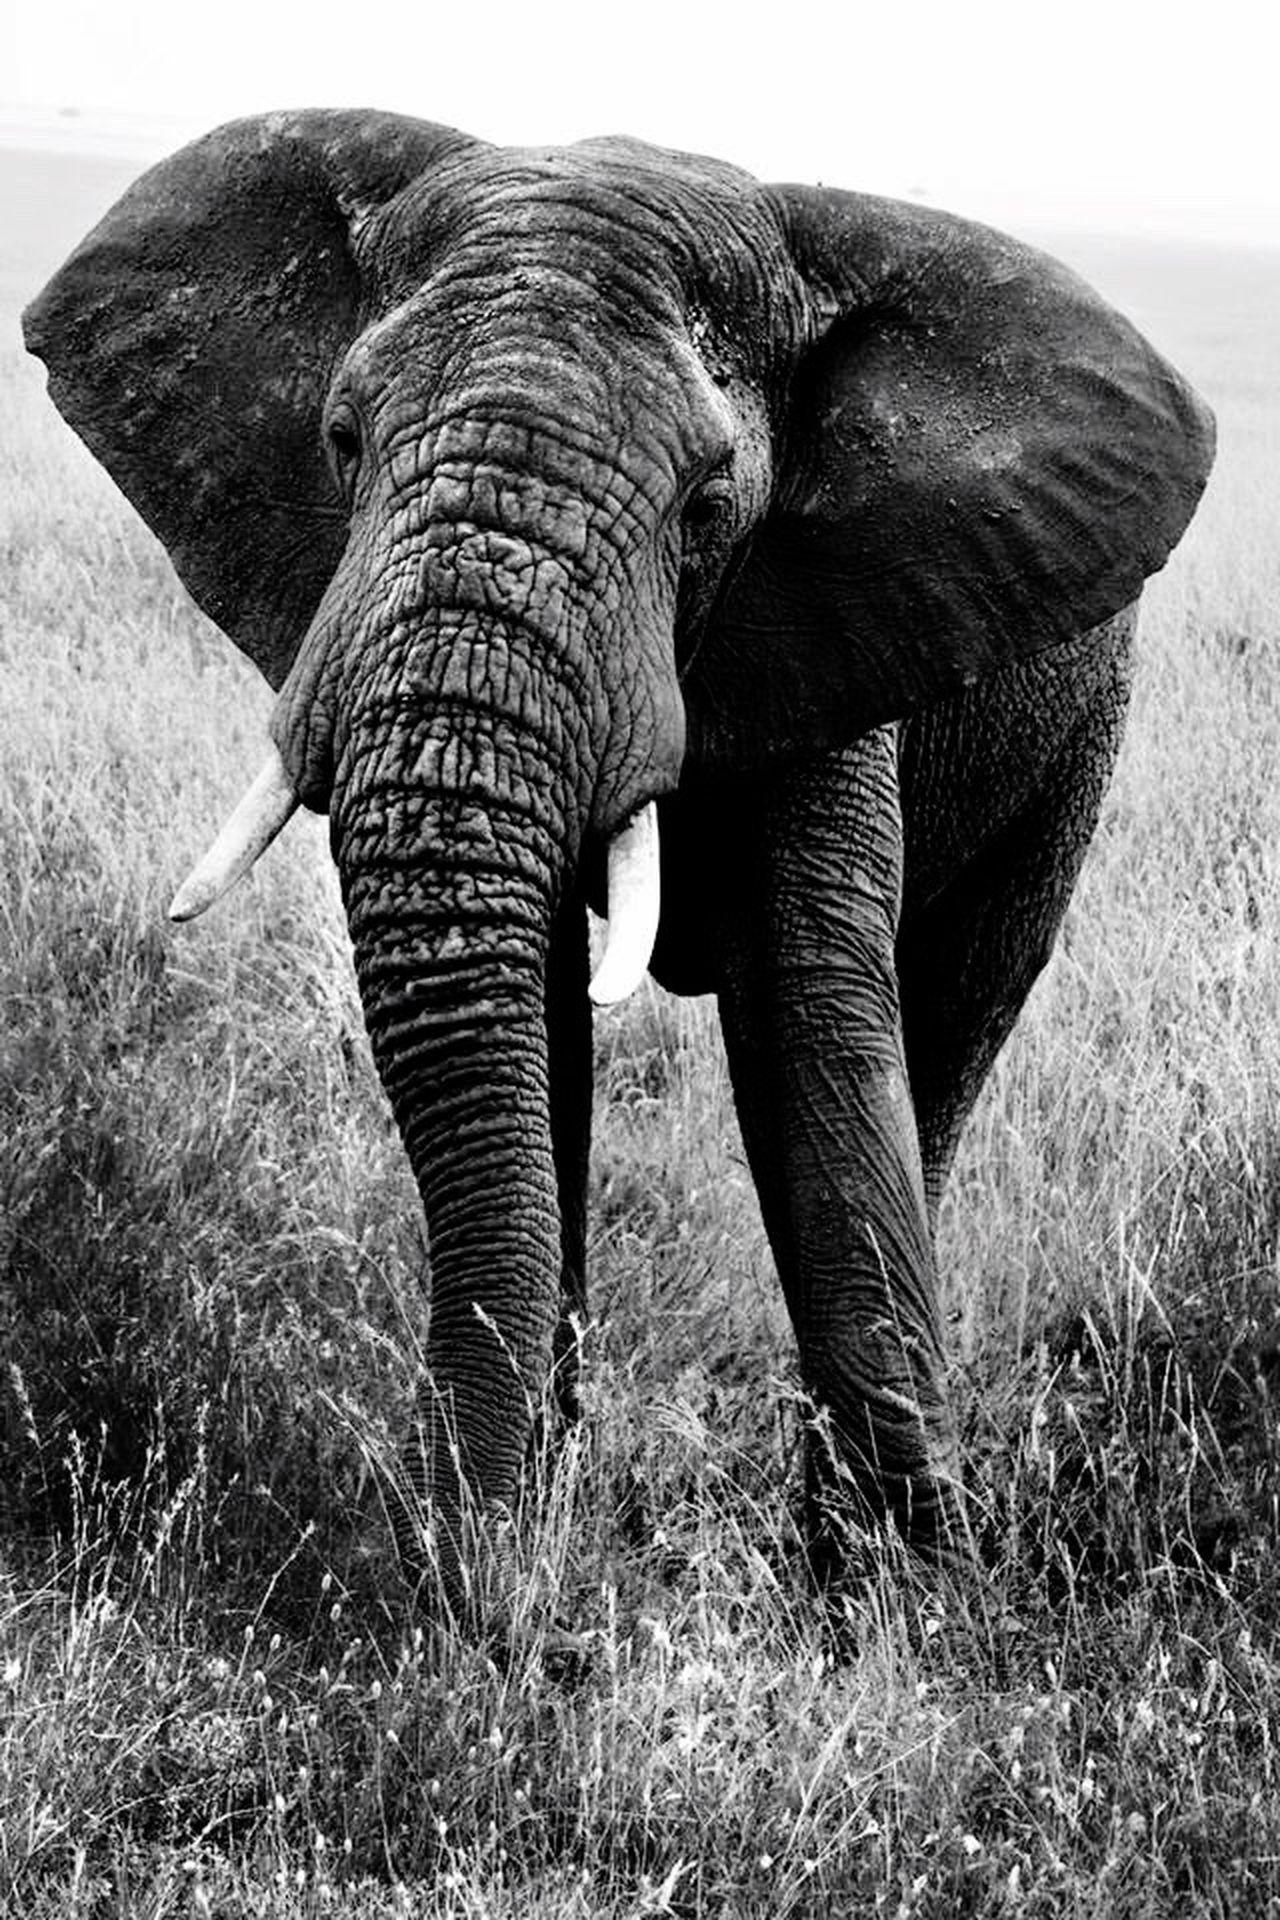 Elephant Serengeti National Park African Elephant Blackandwhite